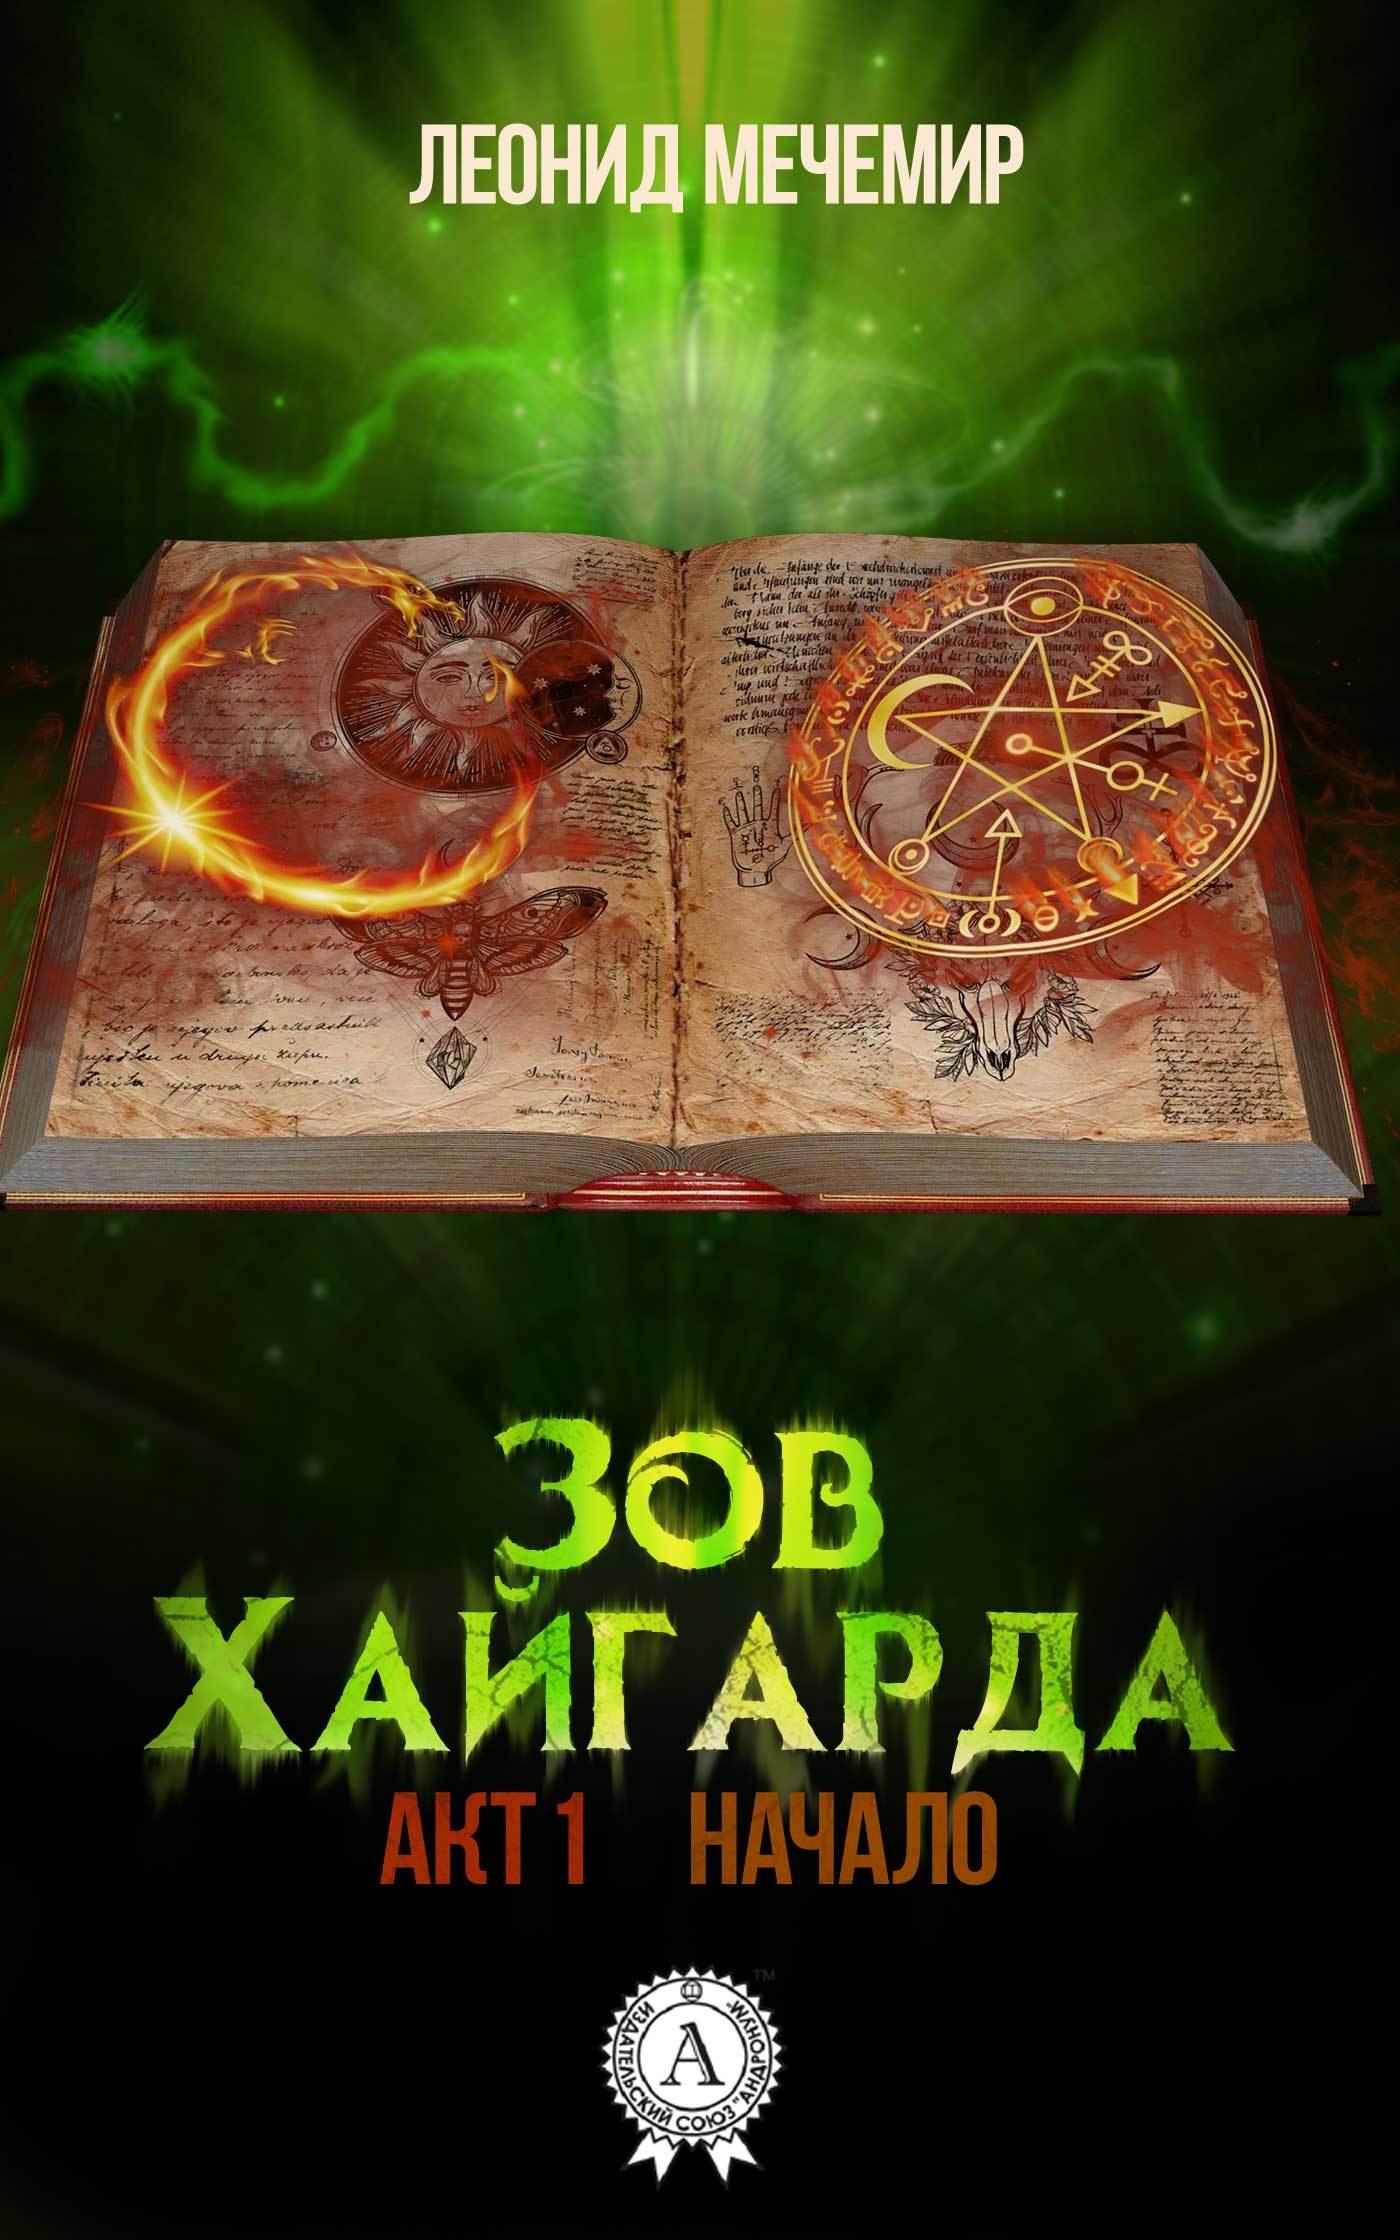 Леонид Мечемир бесплатно